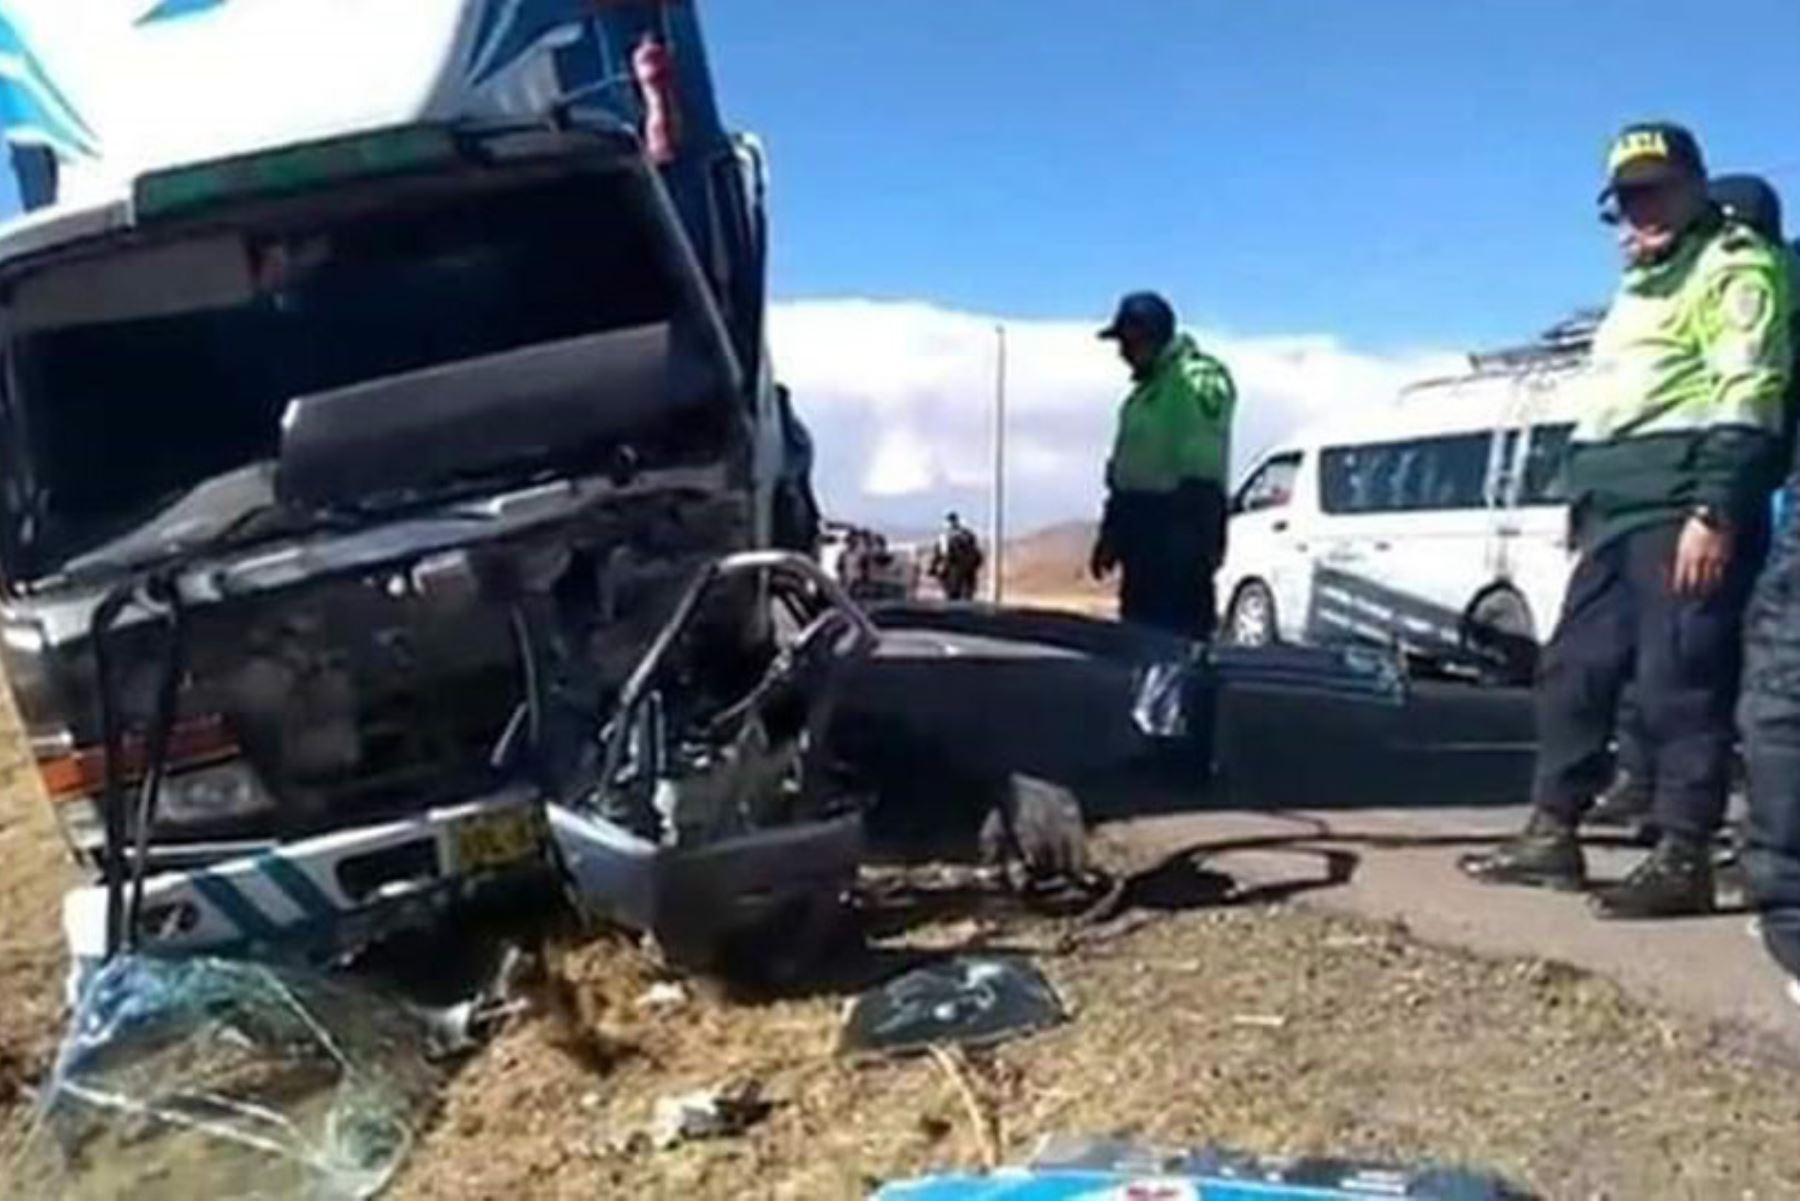 Dos personas mueren en accidente de tránsito en la carretera Azángaro-Juliaca, en Puno. ANDINA/Difusión